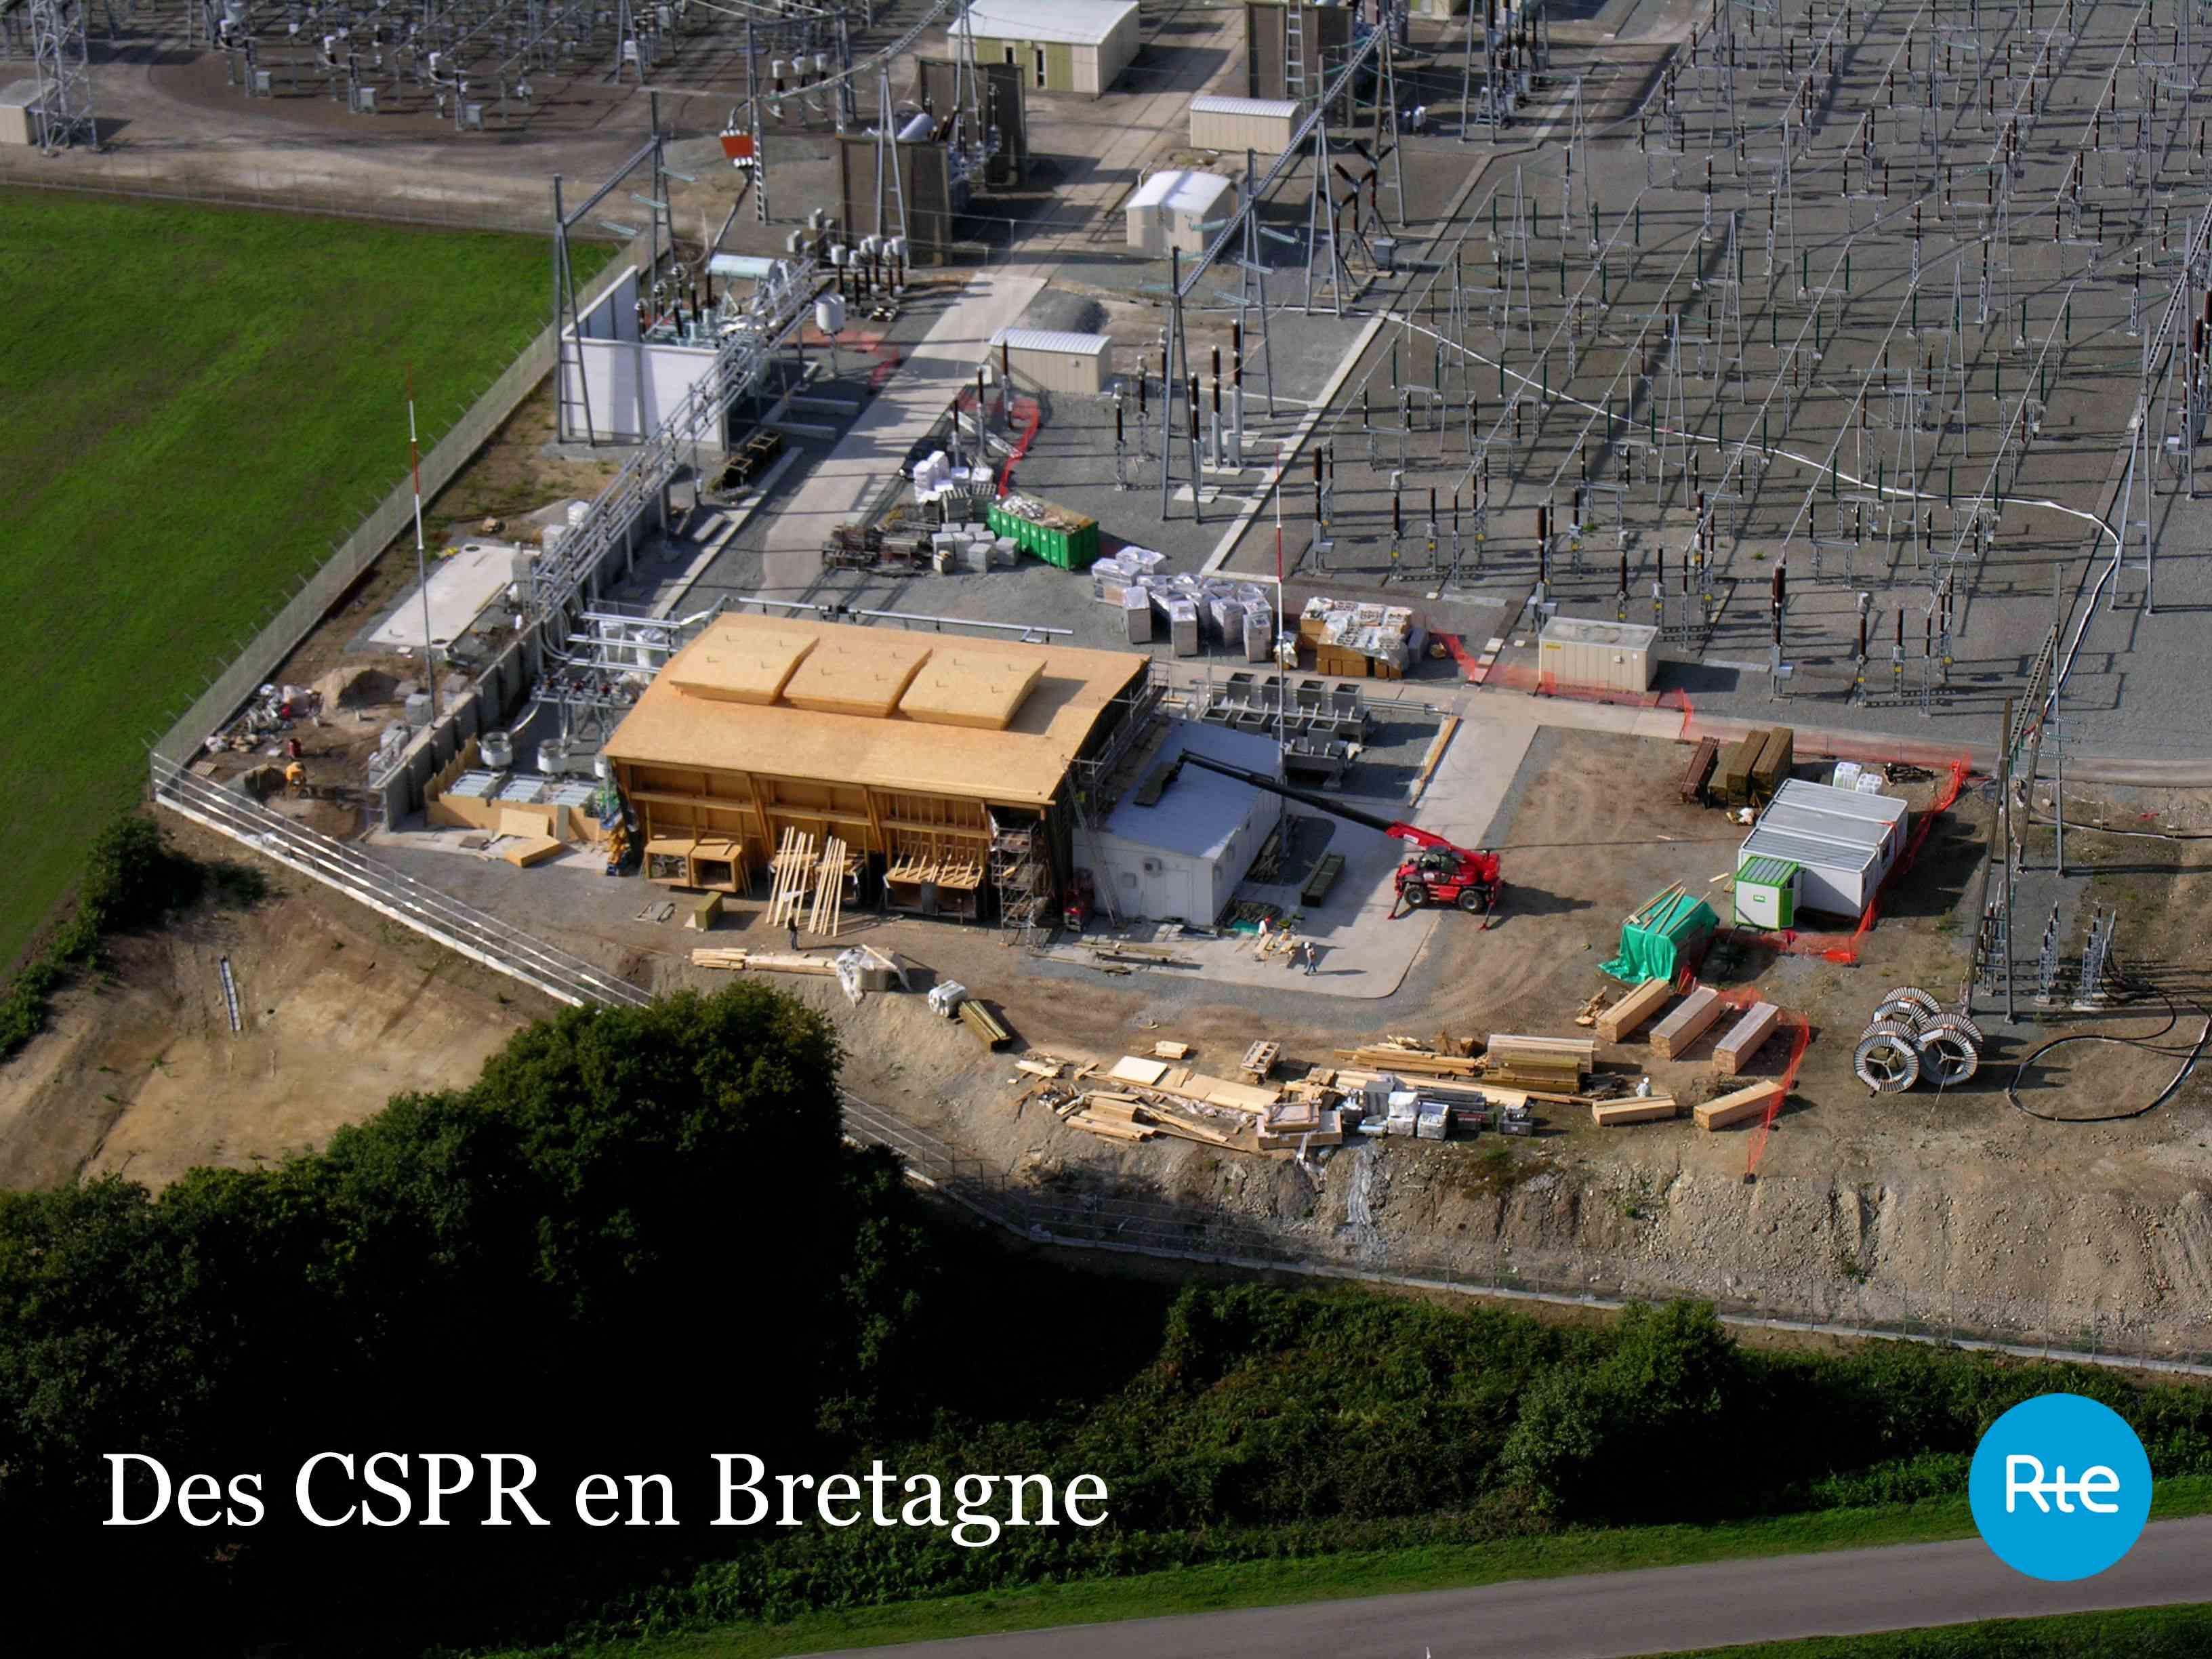 Des CSPR en Bretagne - RTE